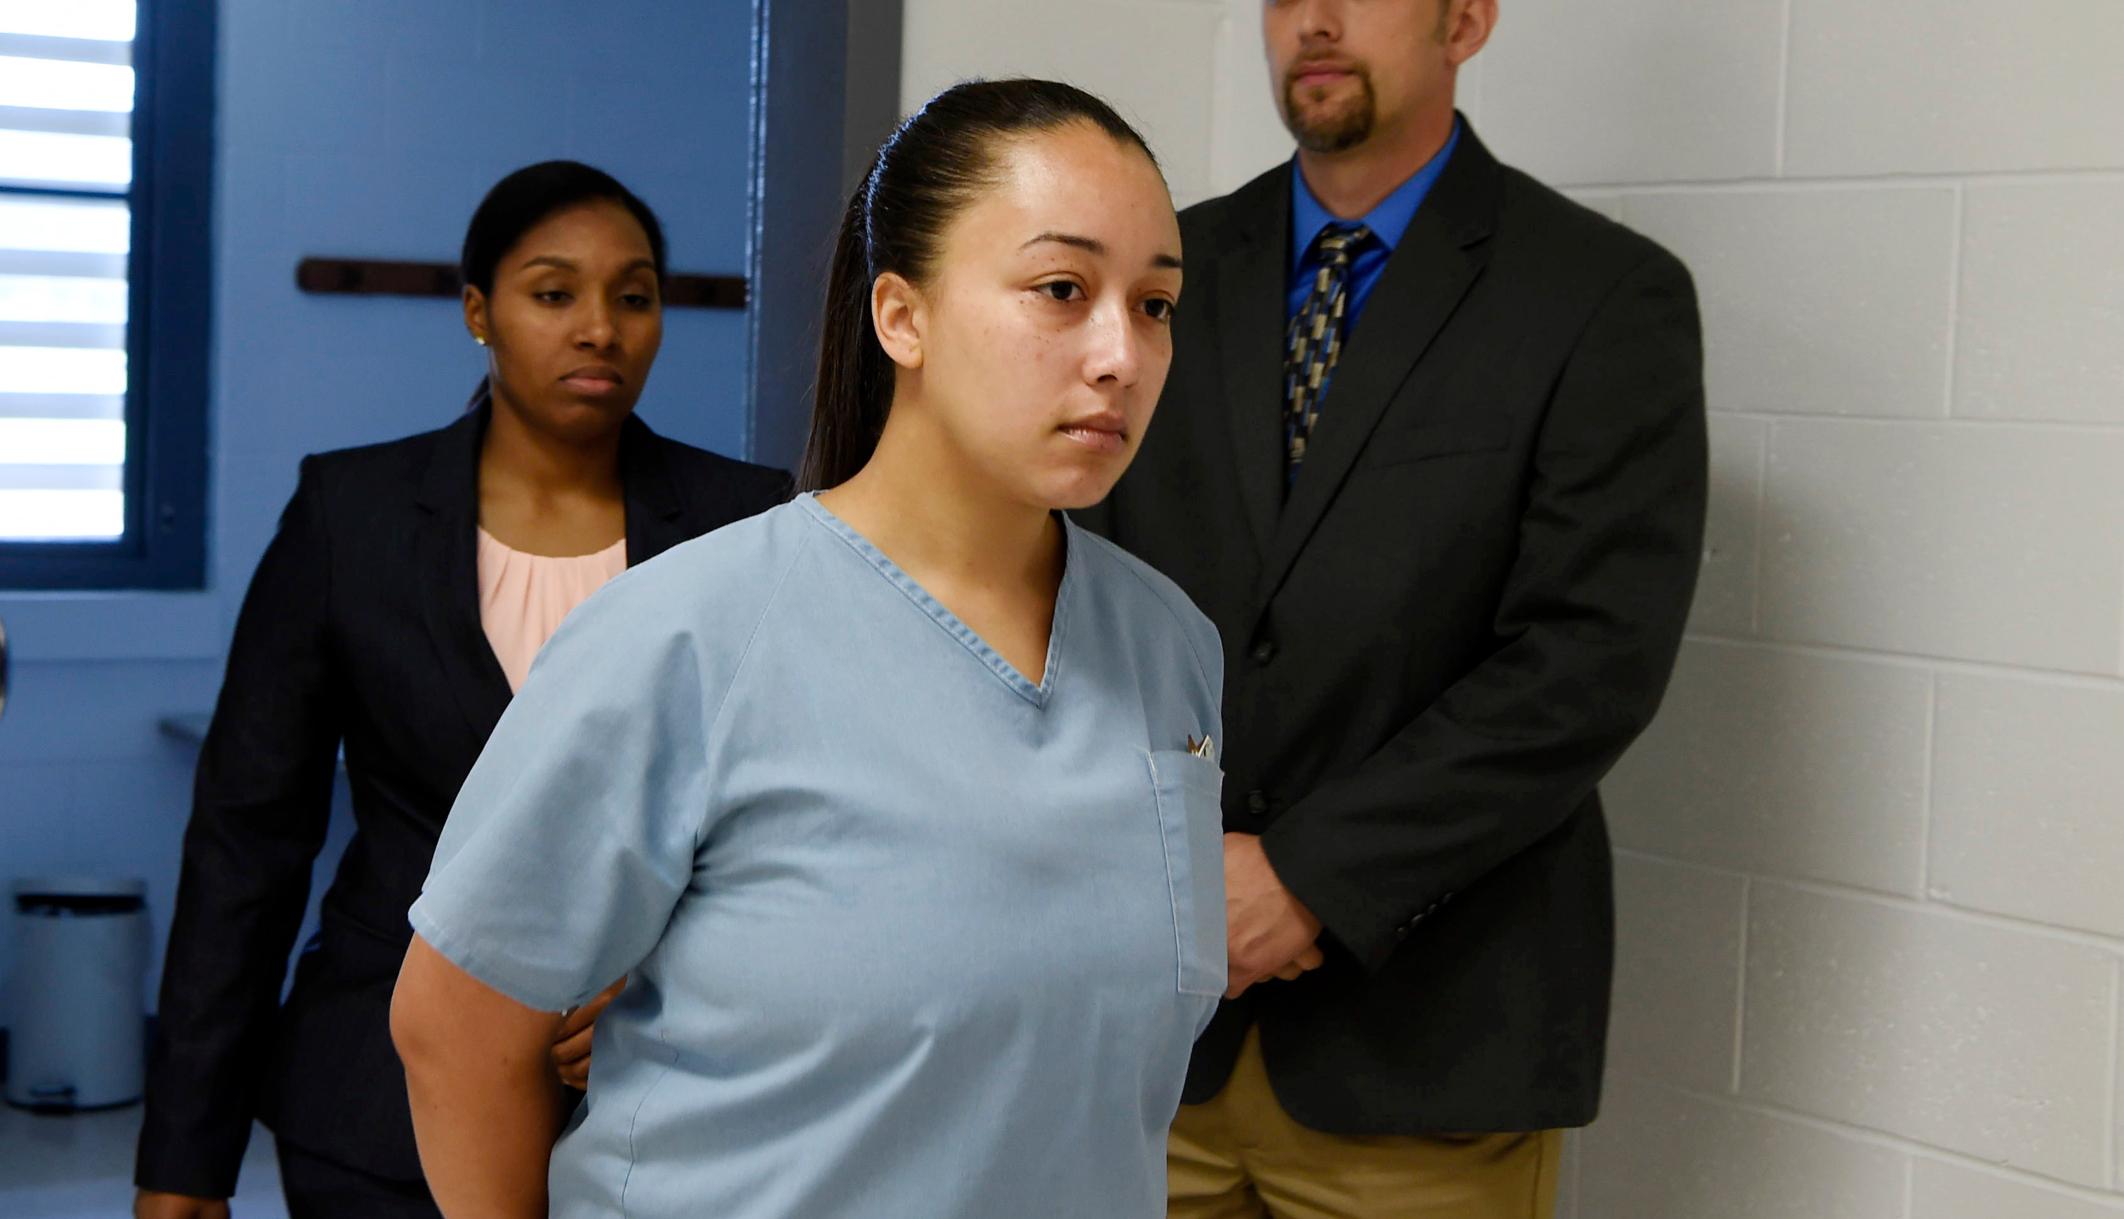 Το θύμα σωματεμπορίας που ελευθερώθηκε πρόσφατα, η Cyntoia Brown παντρεύτηκε τον Christian Rapper